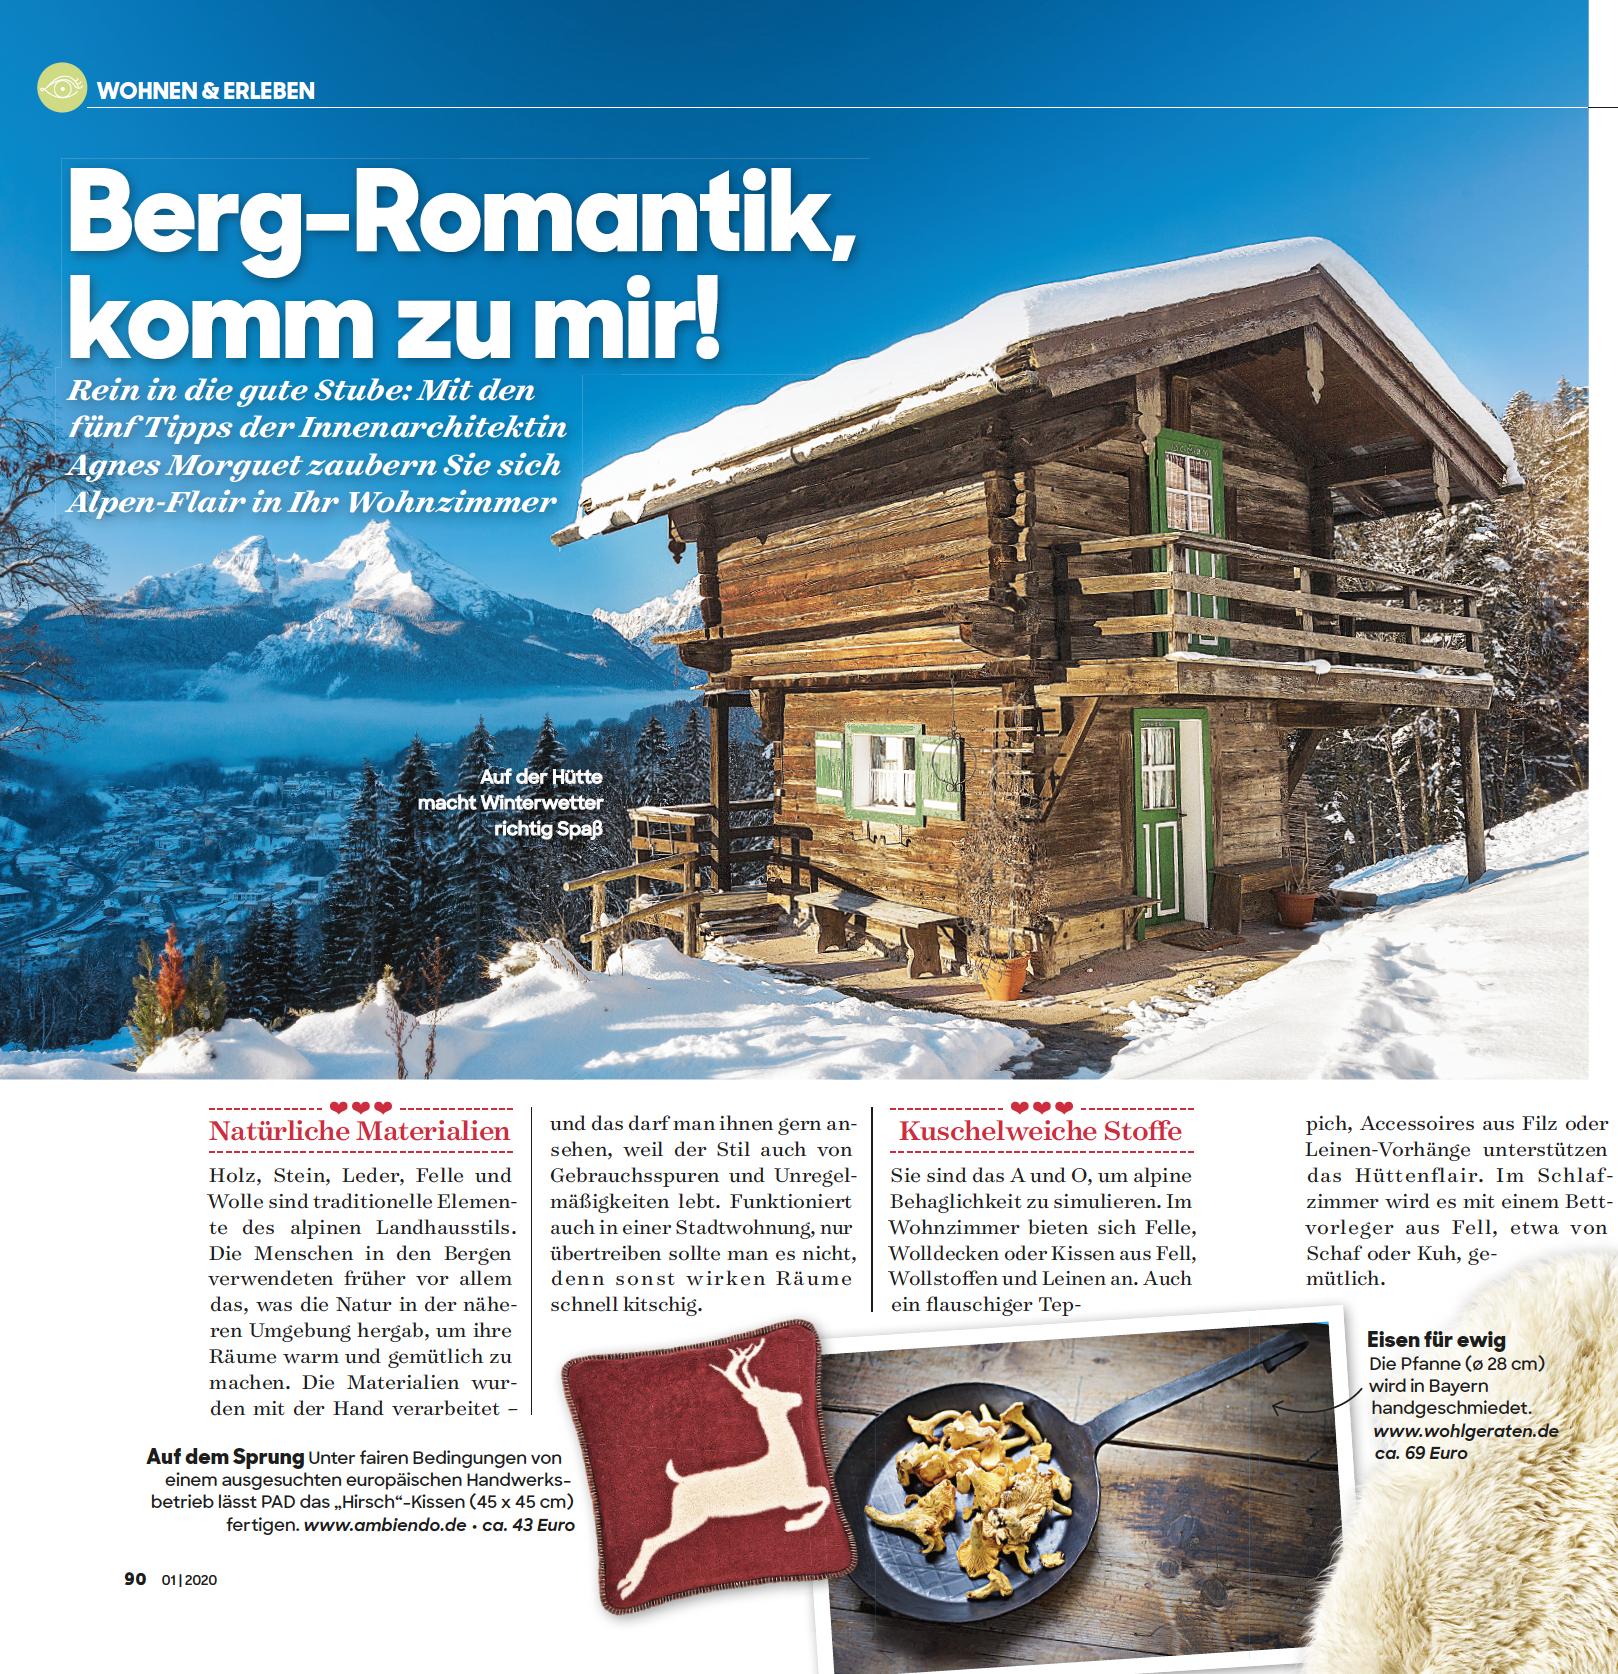 Handgeschmiedete Eisenpfanne im Plus Magazin